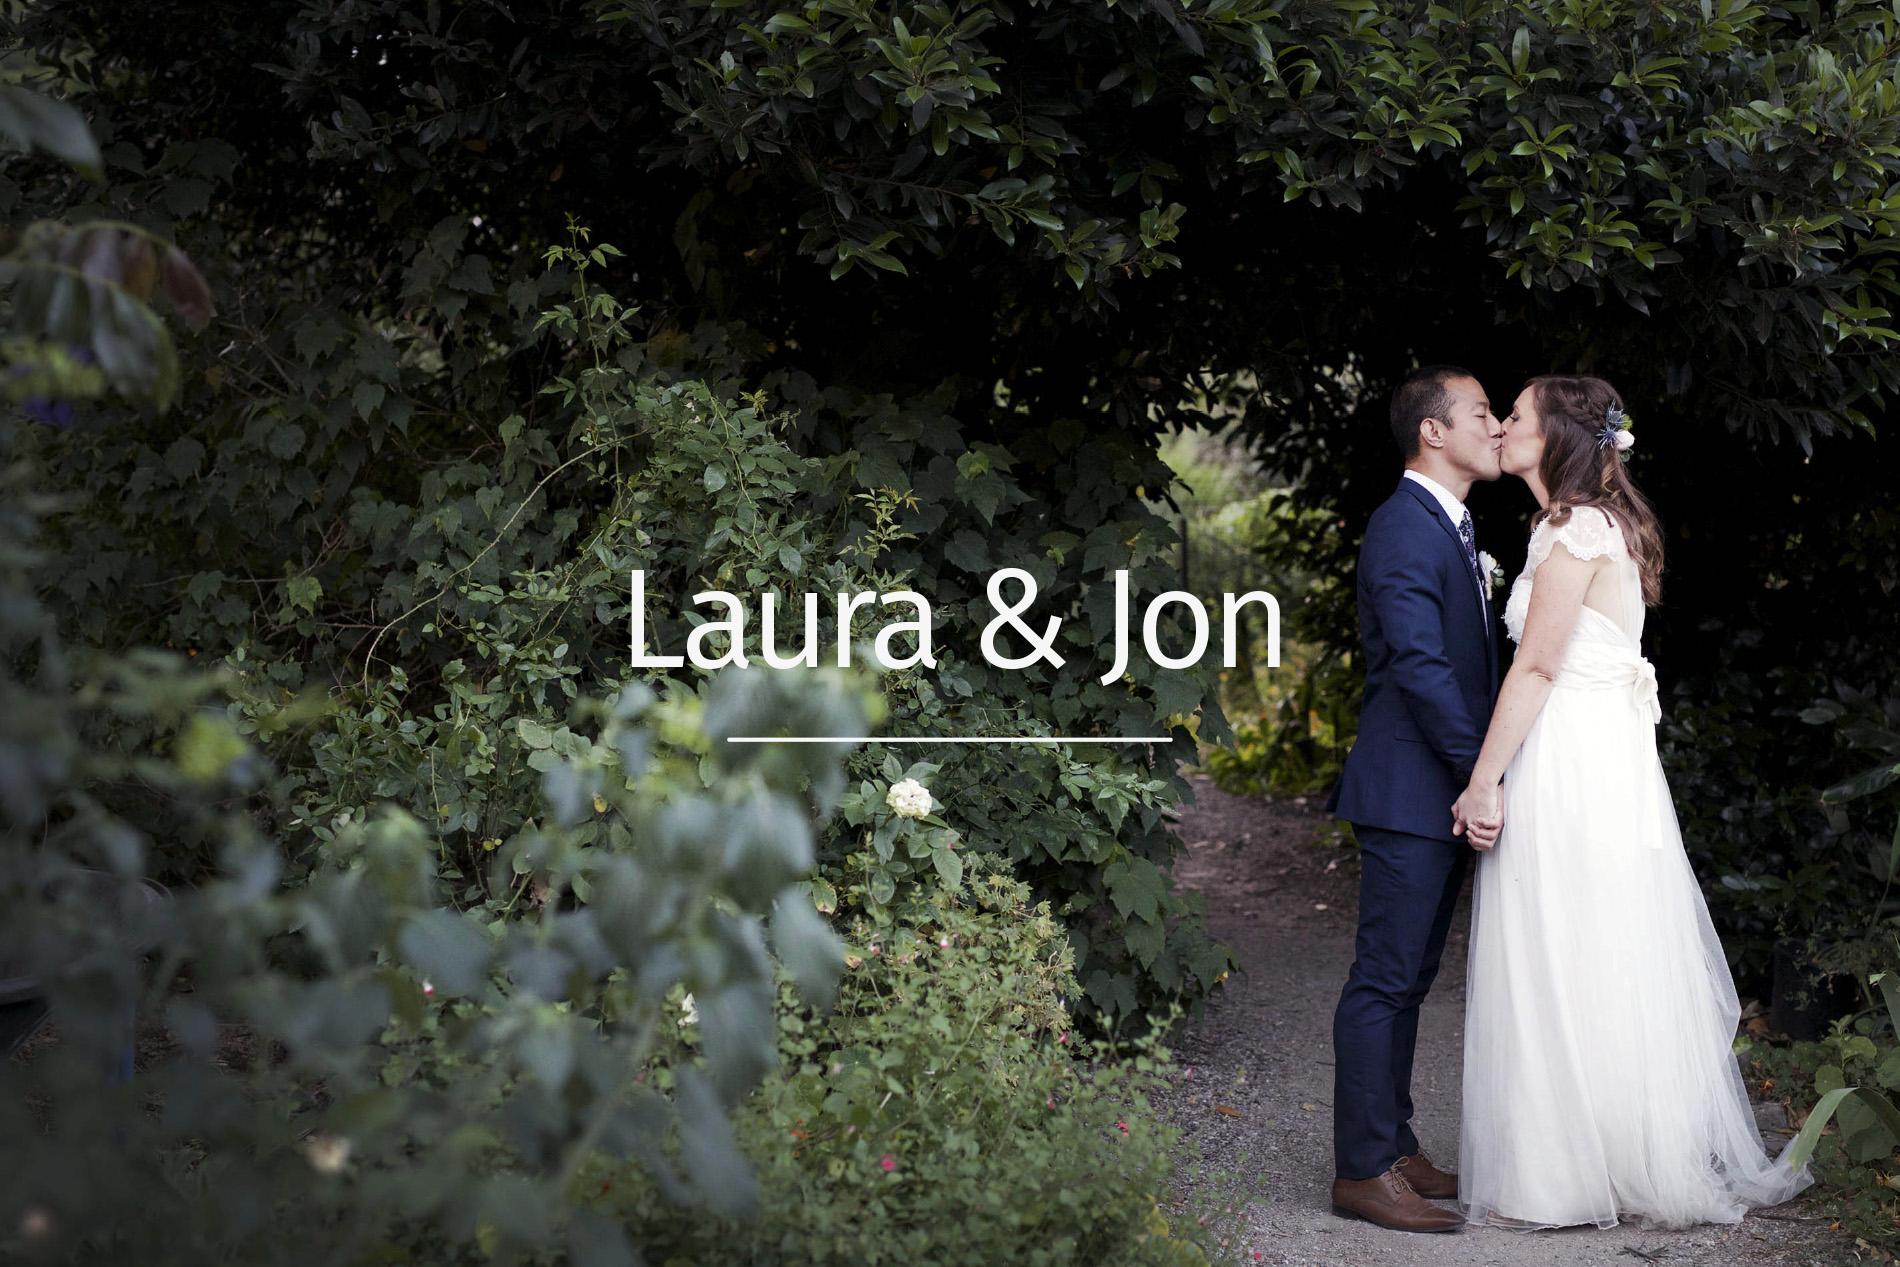 Laura and Jon